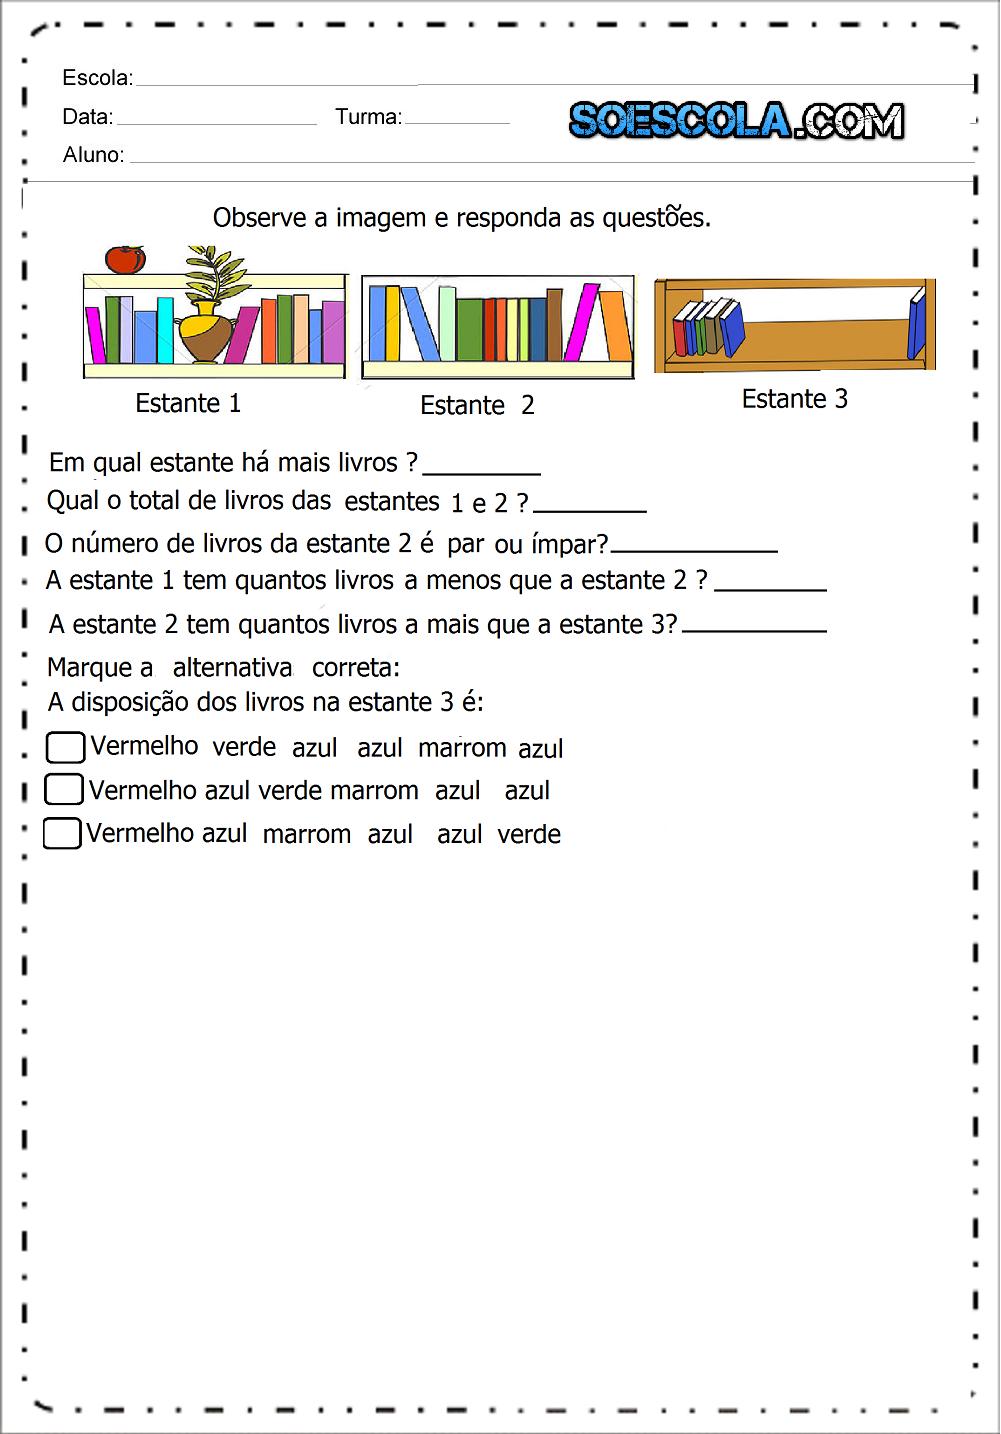 8 Atividades De Matemática 2 Ano Para Imprimir Ensino Fundamental